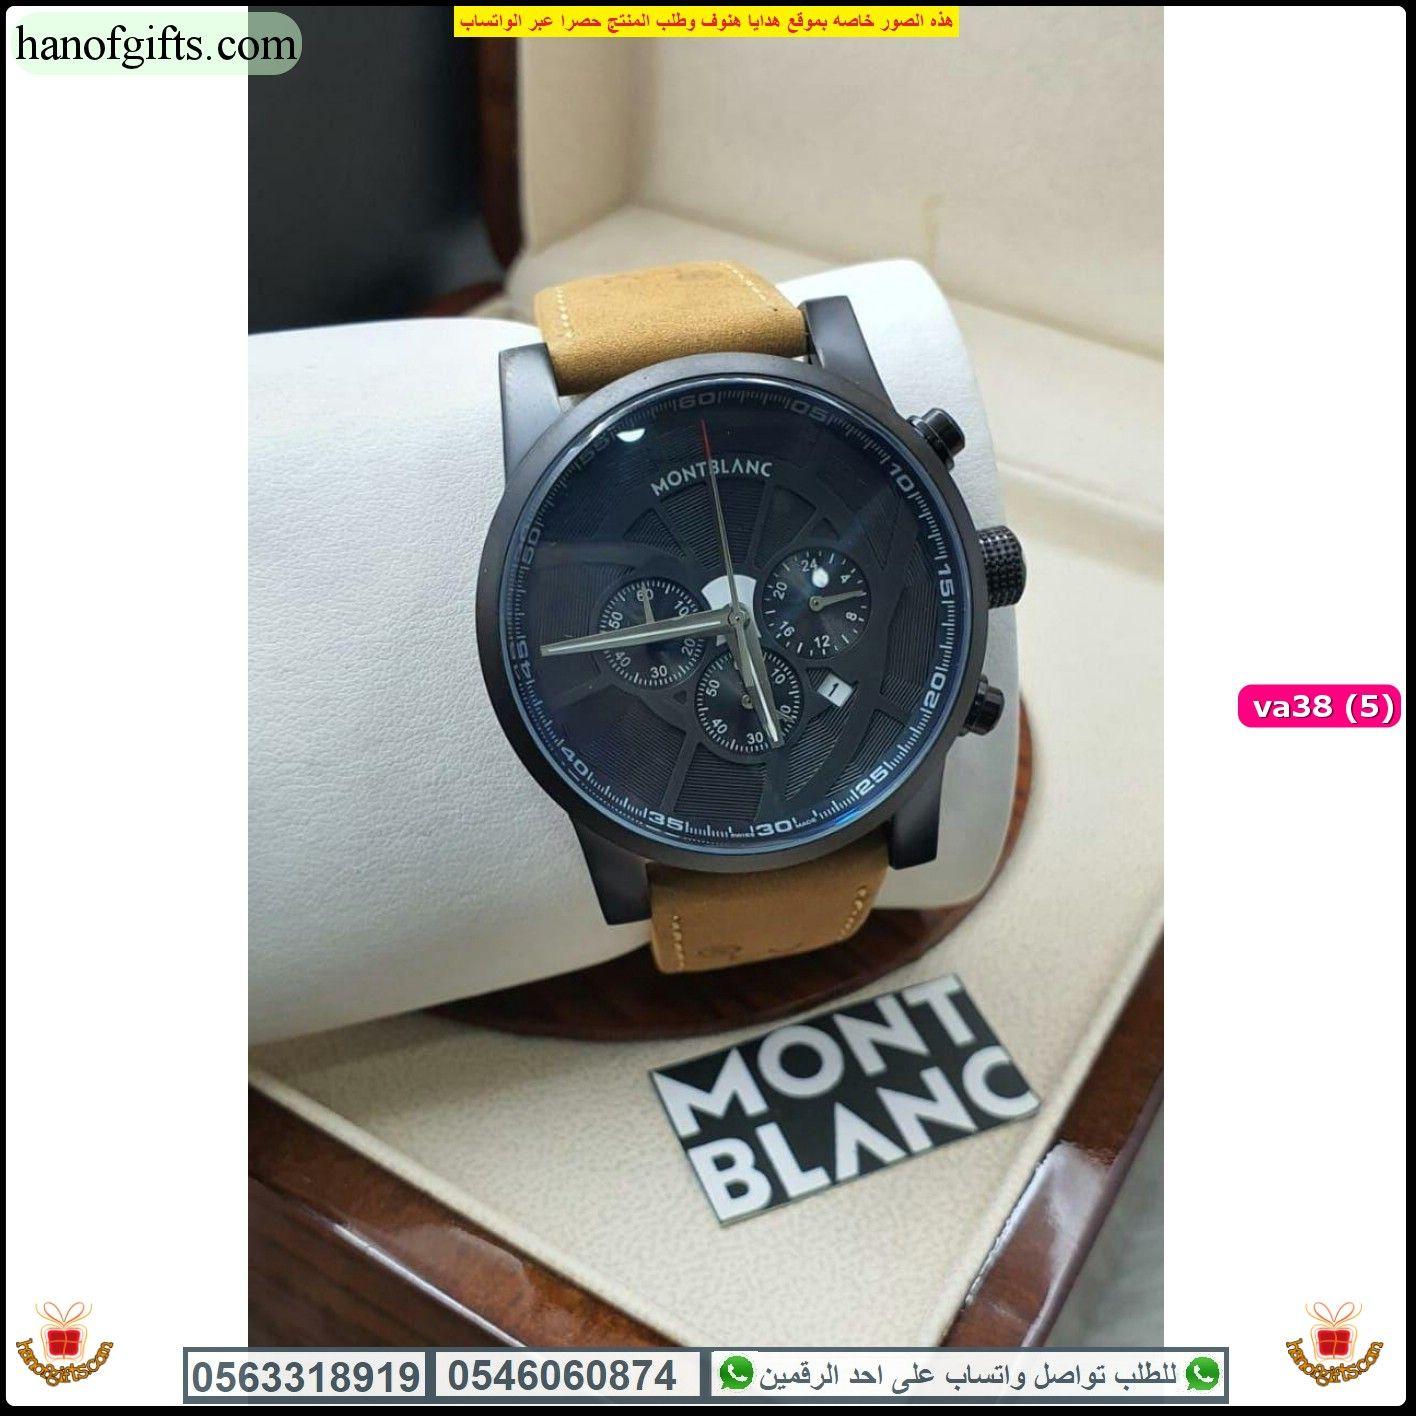 ساعات مونت بلانك السعودية Leather Watch Omega Watch Leather